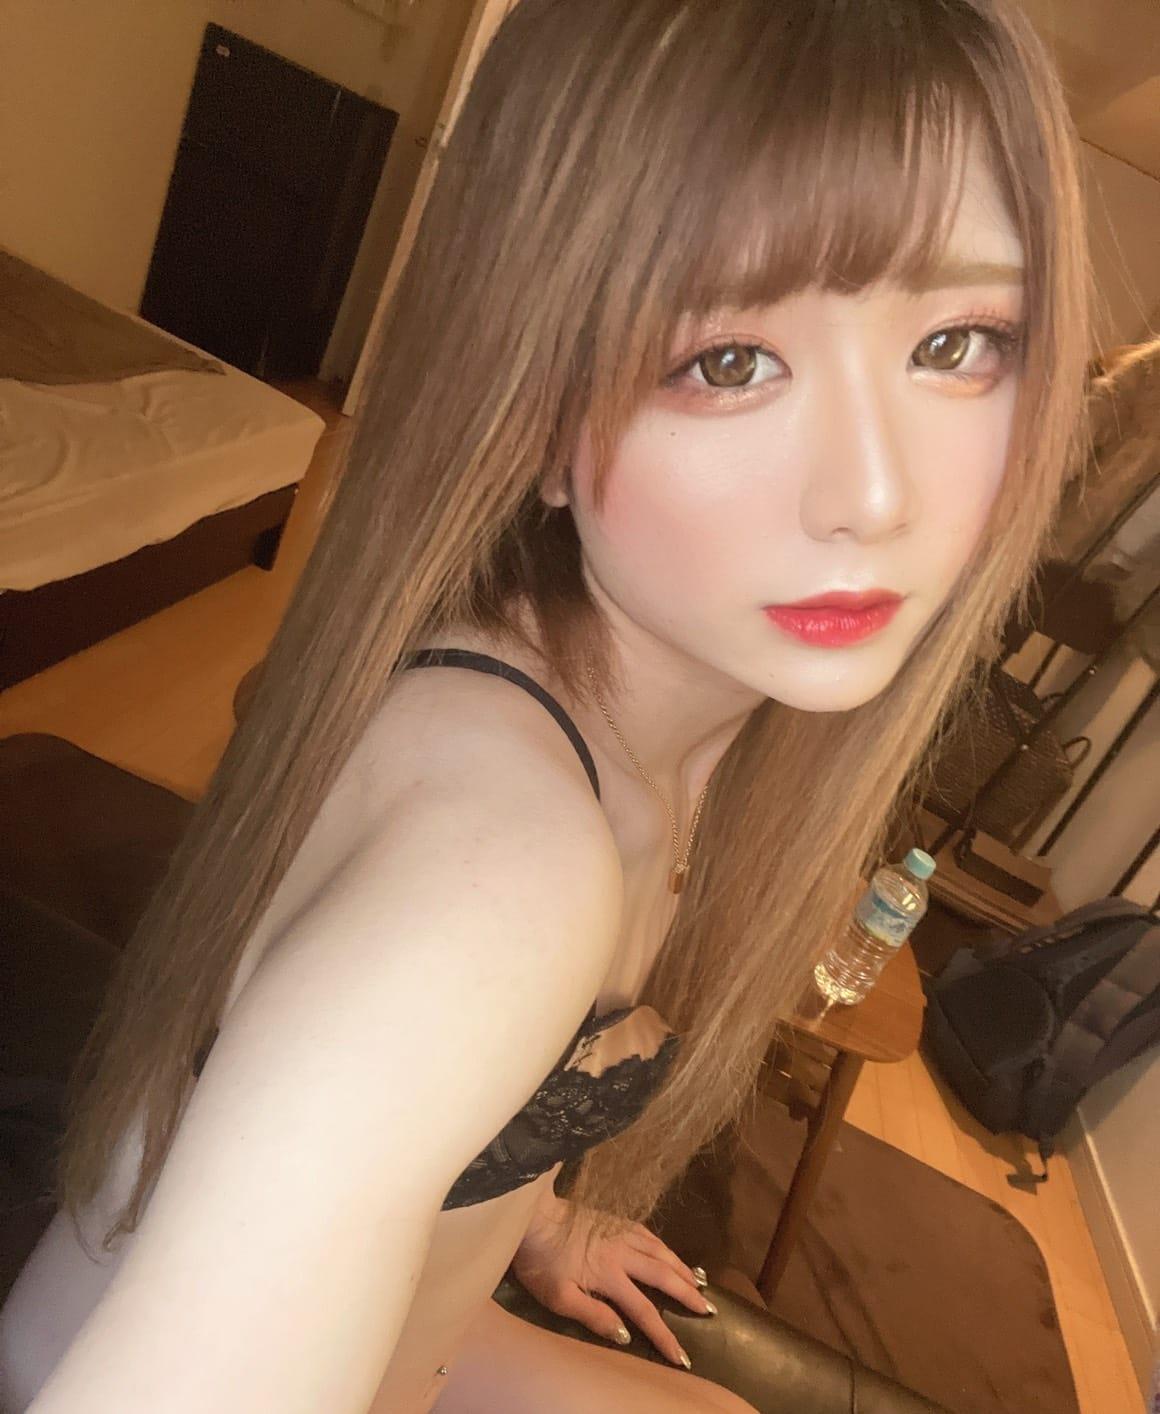 真っ白な私を貴方色に染めて欲しいの:Dolce ~ドルチェ~(新宿高級デリヘル)